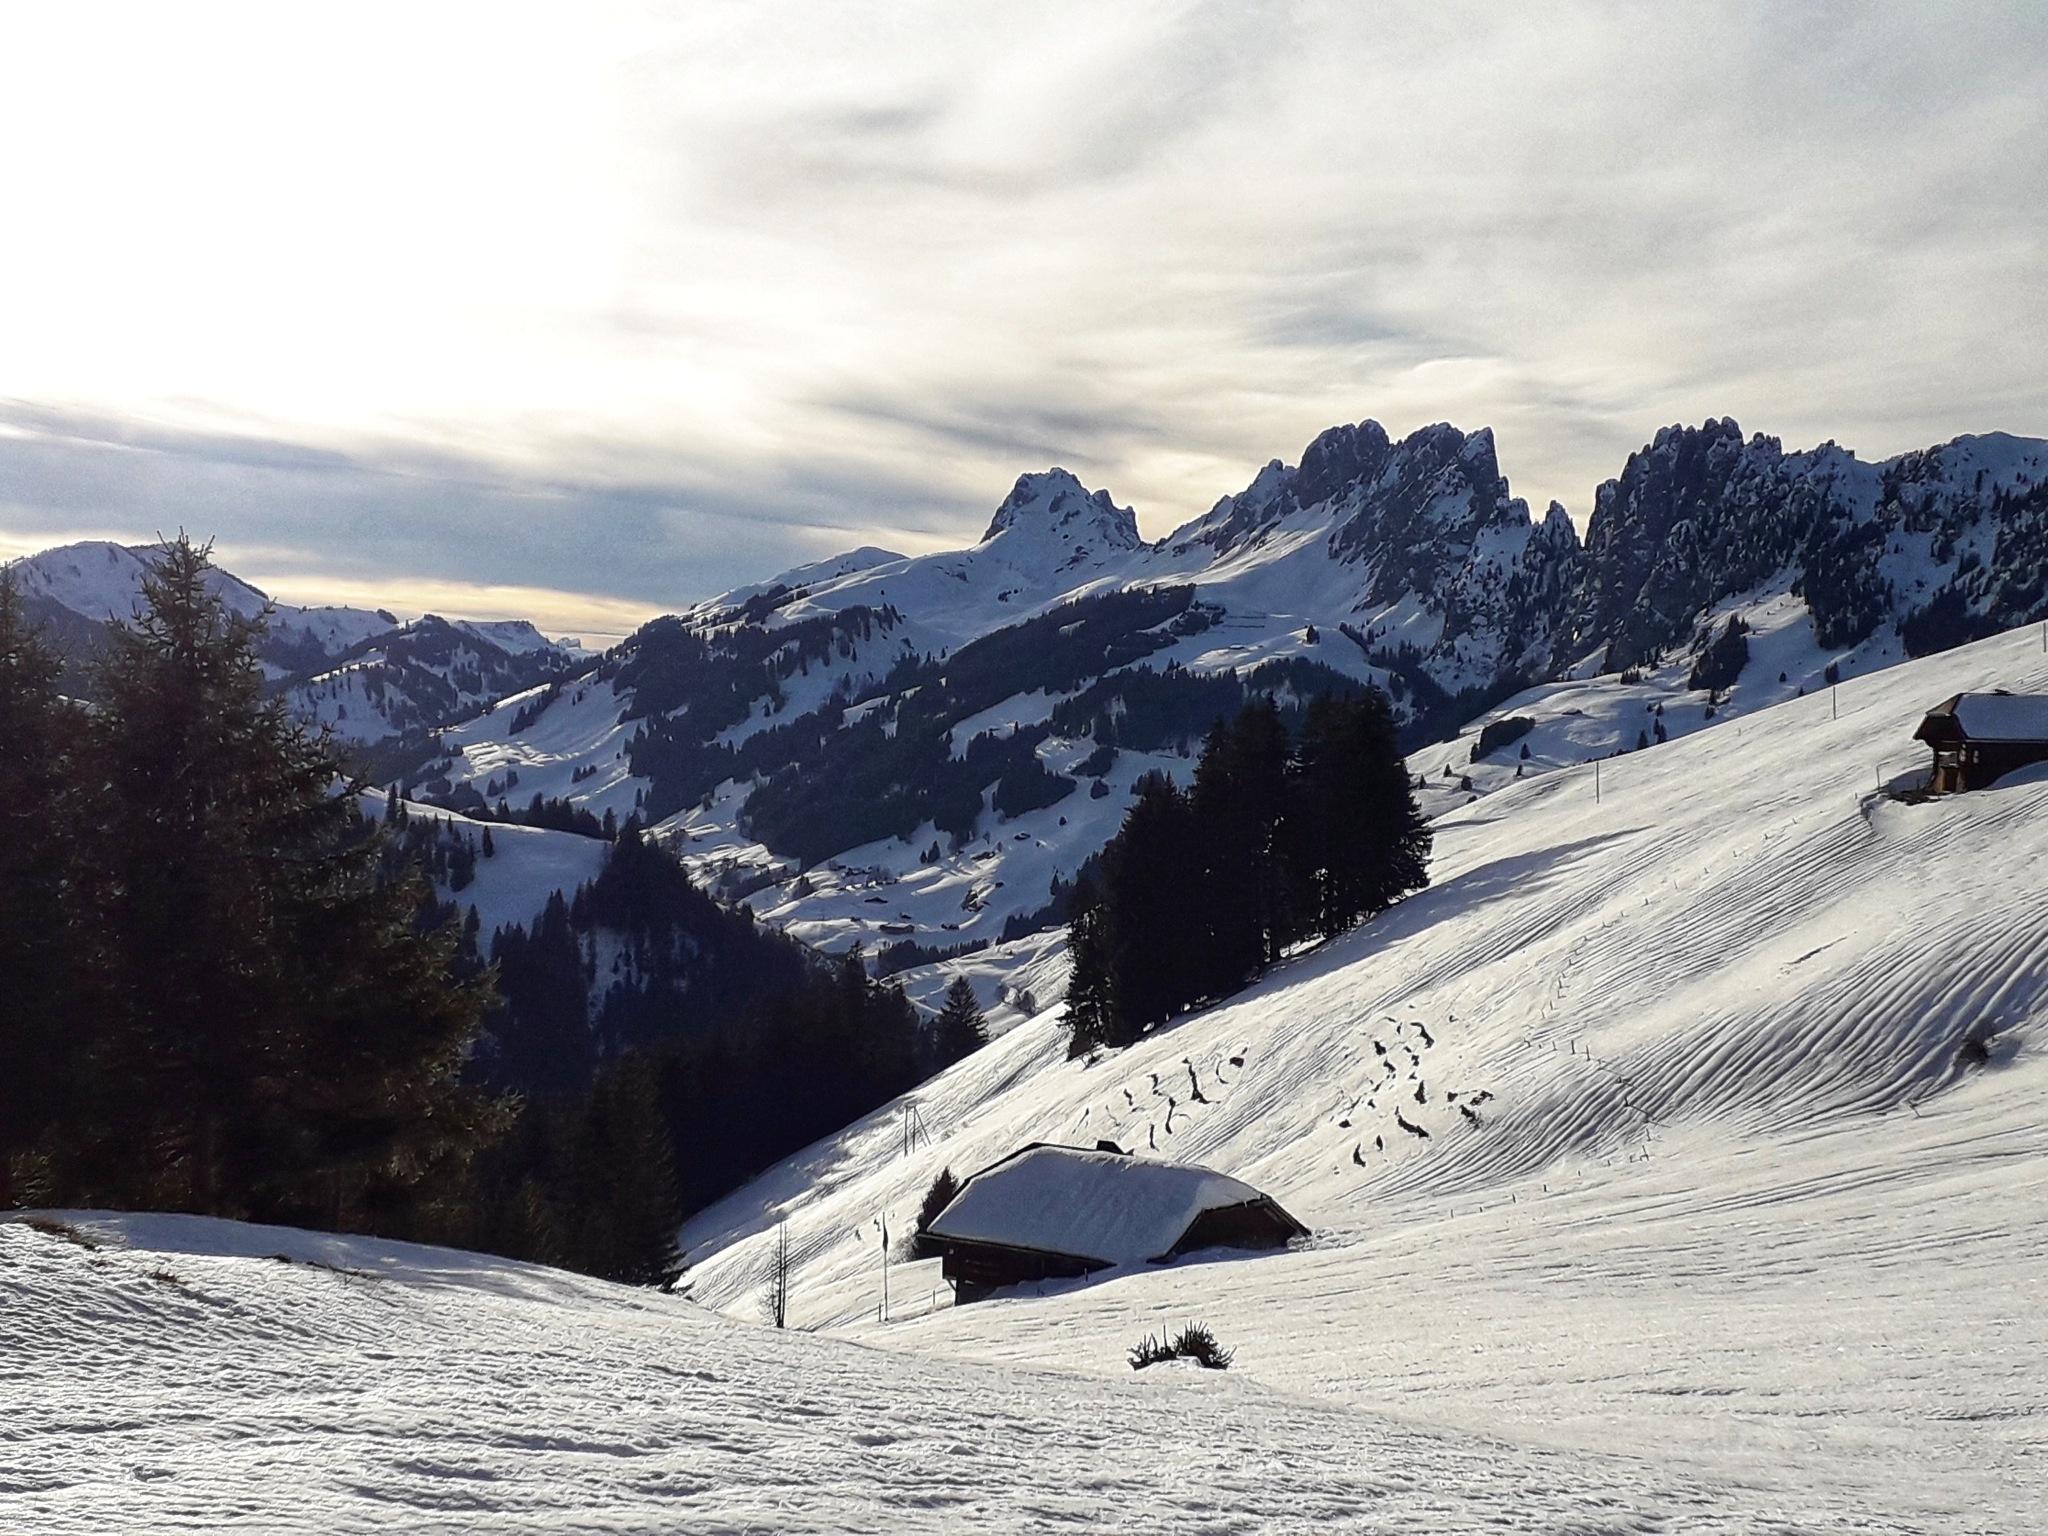 winter day by Mathias Winkler